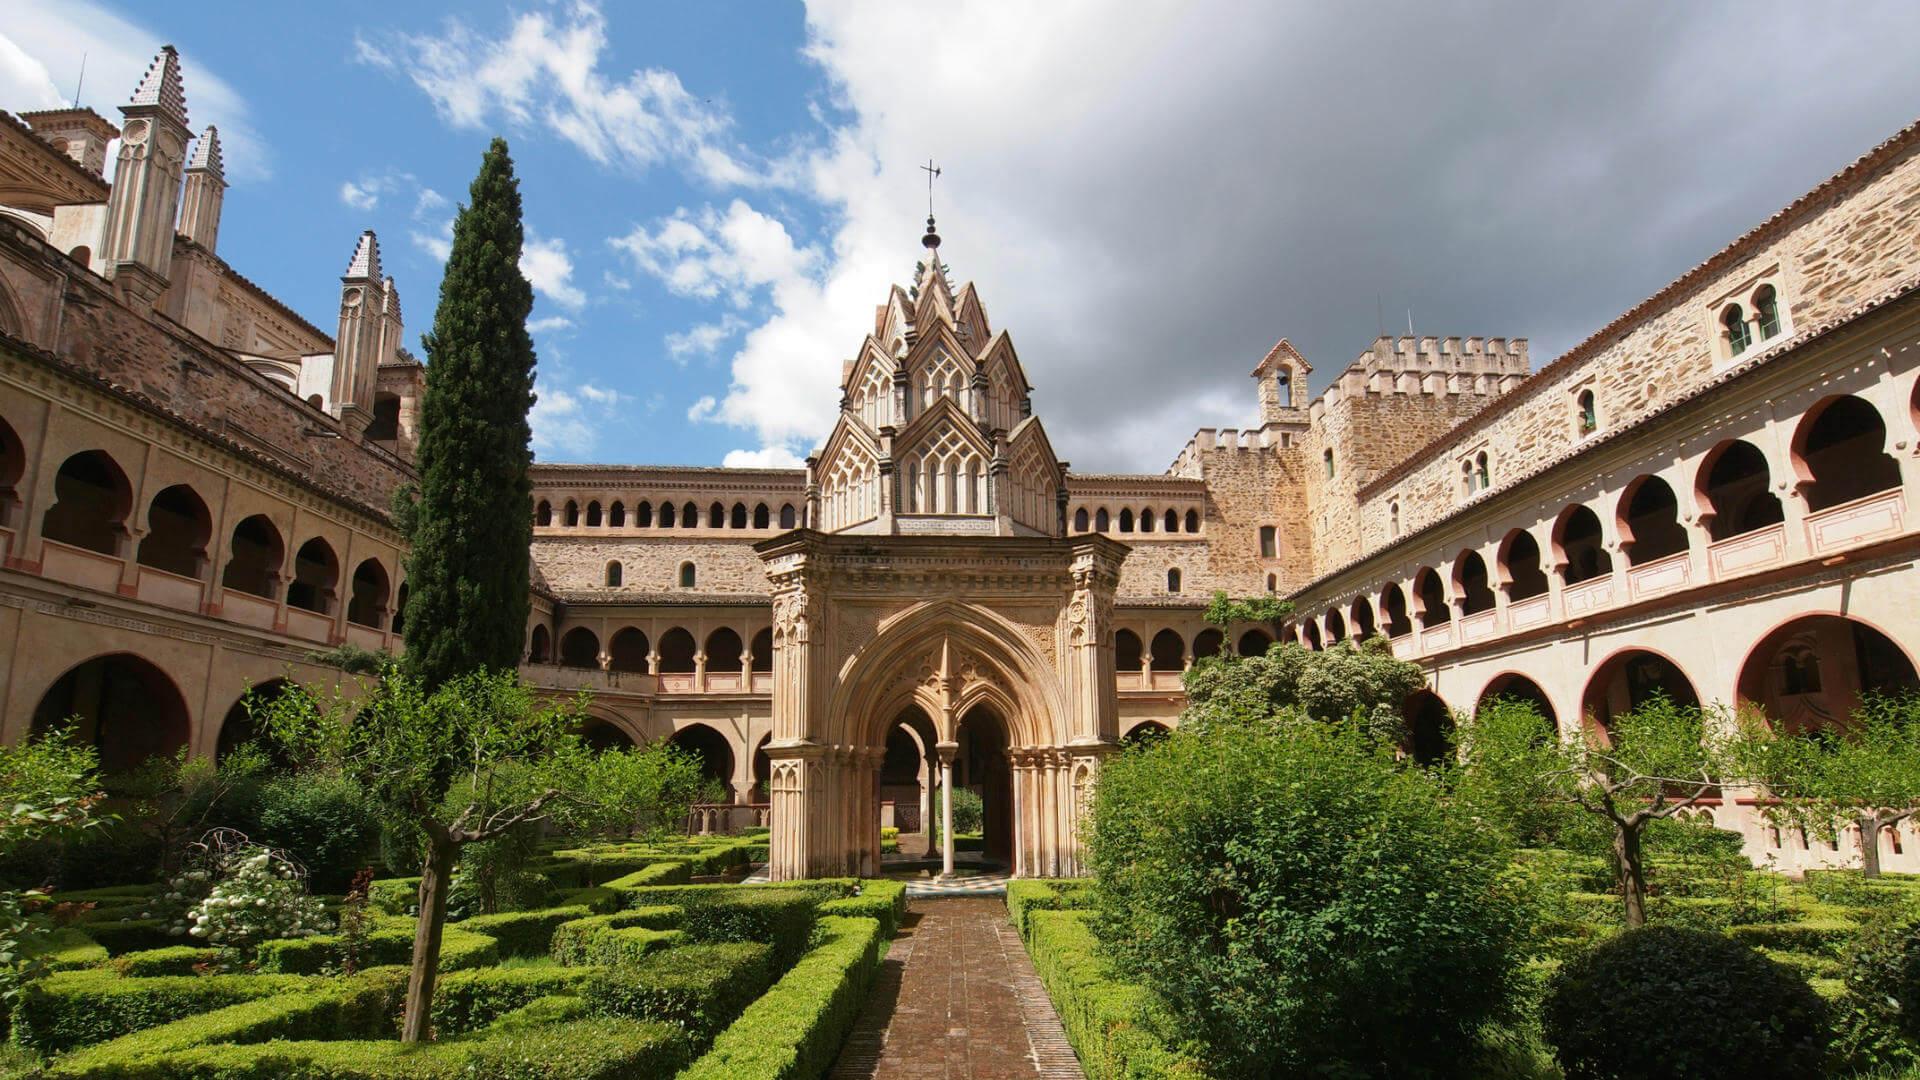 destinos espanoles poco conocidos monasterio de guadalupe